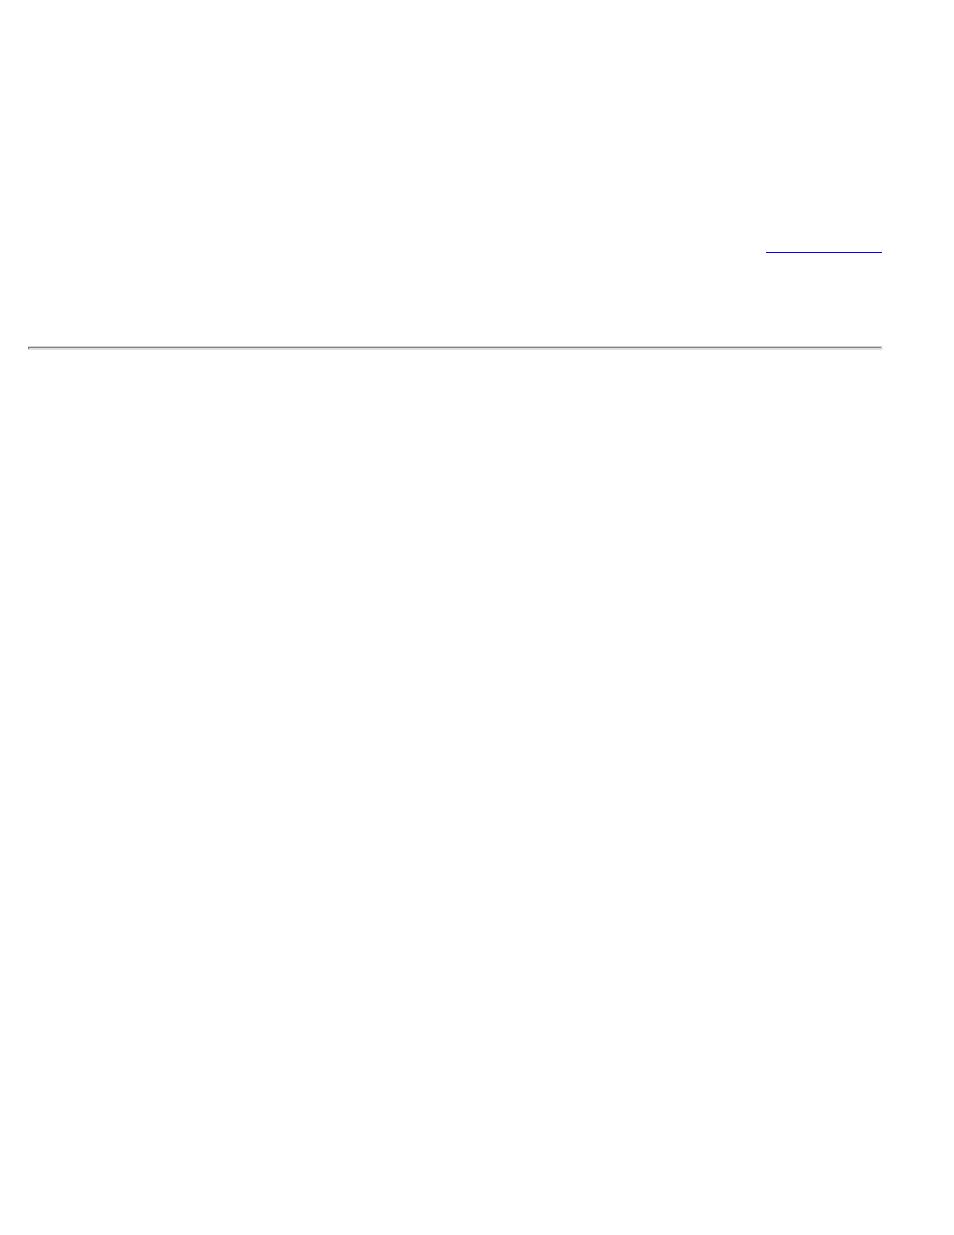 versatility kenwood tk 372g user manual page 4 8 original mode rh manualsdir com Kenwood Tk 8180 3201 Kenwood Tk